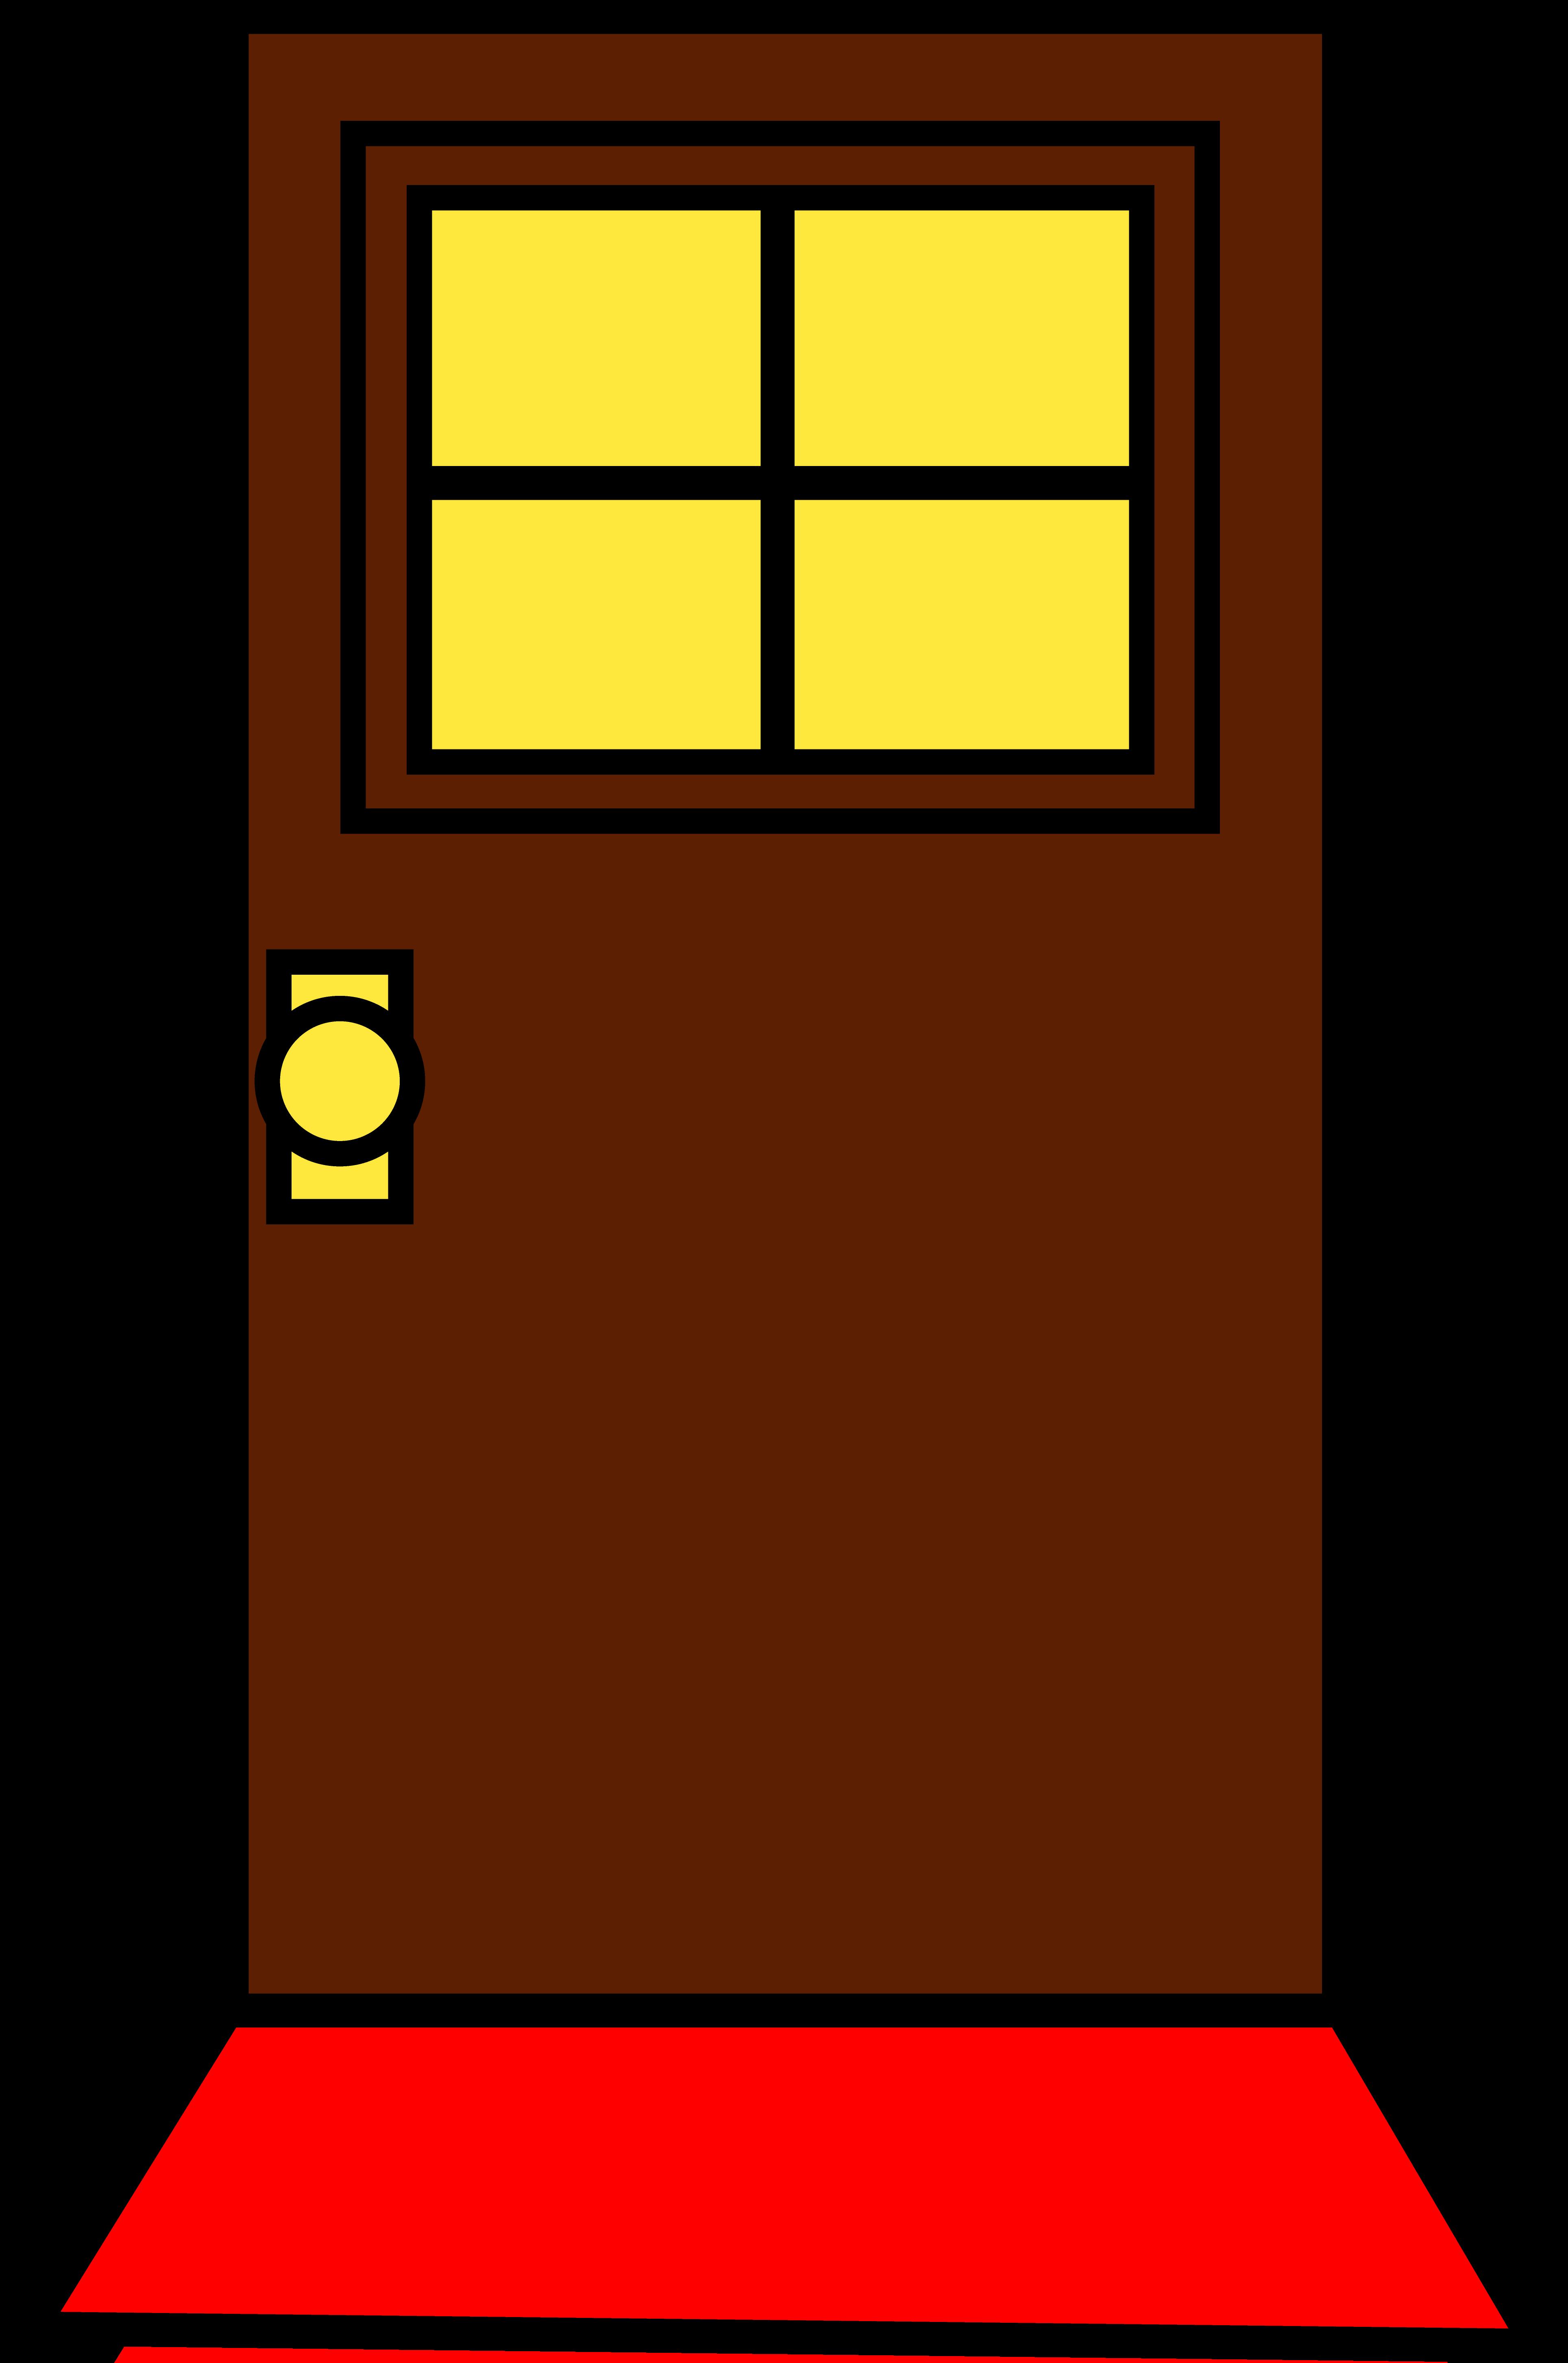 Simple brown free image. Clipart door door design